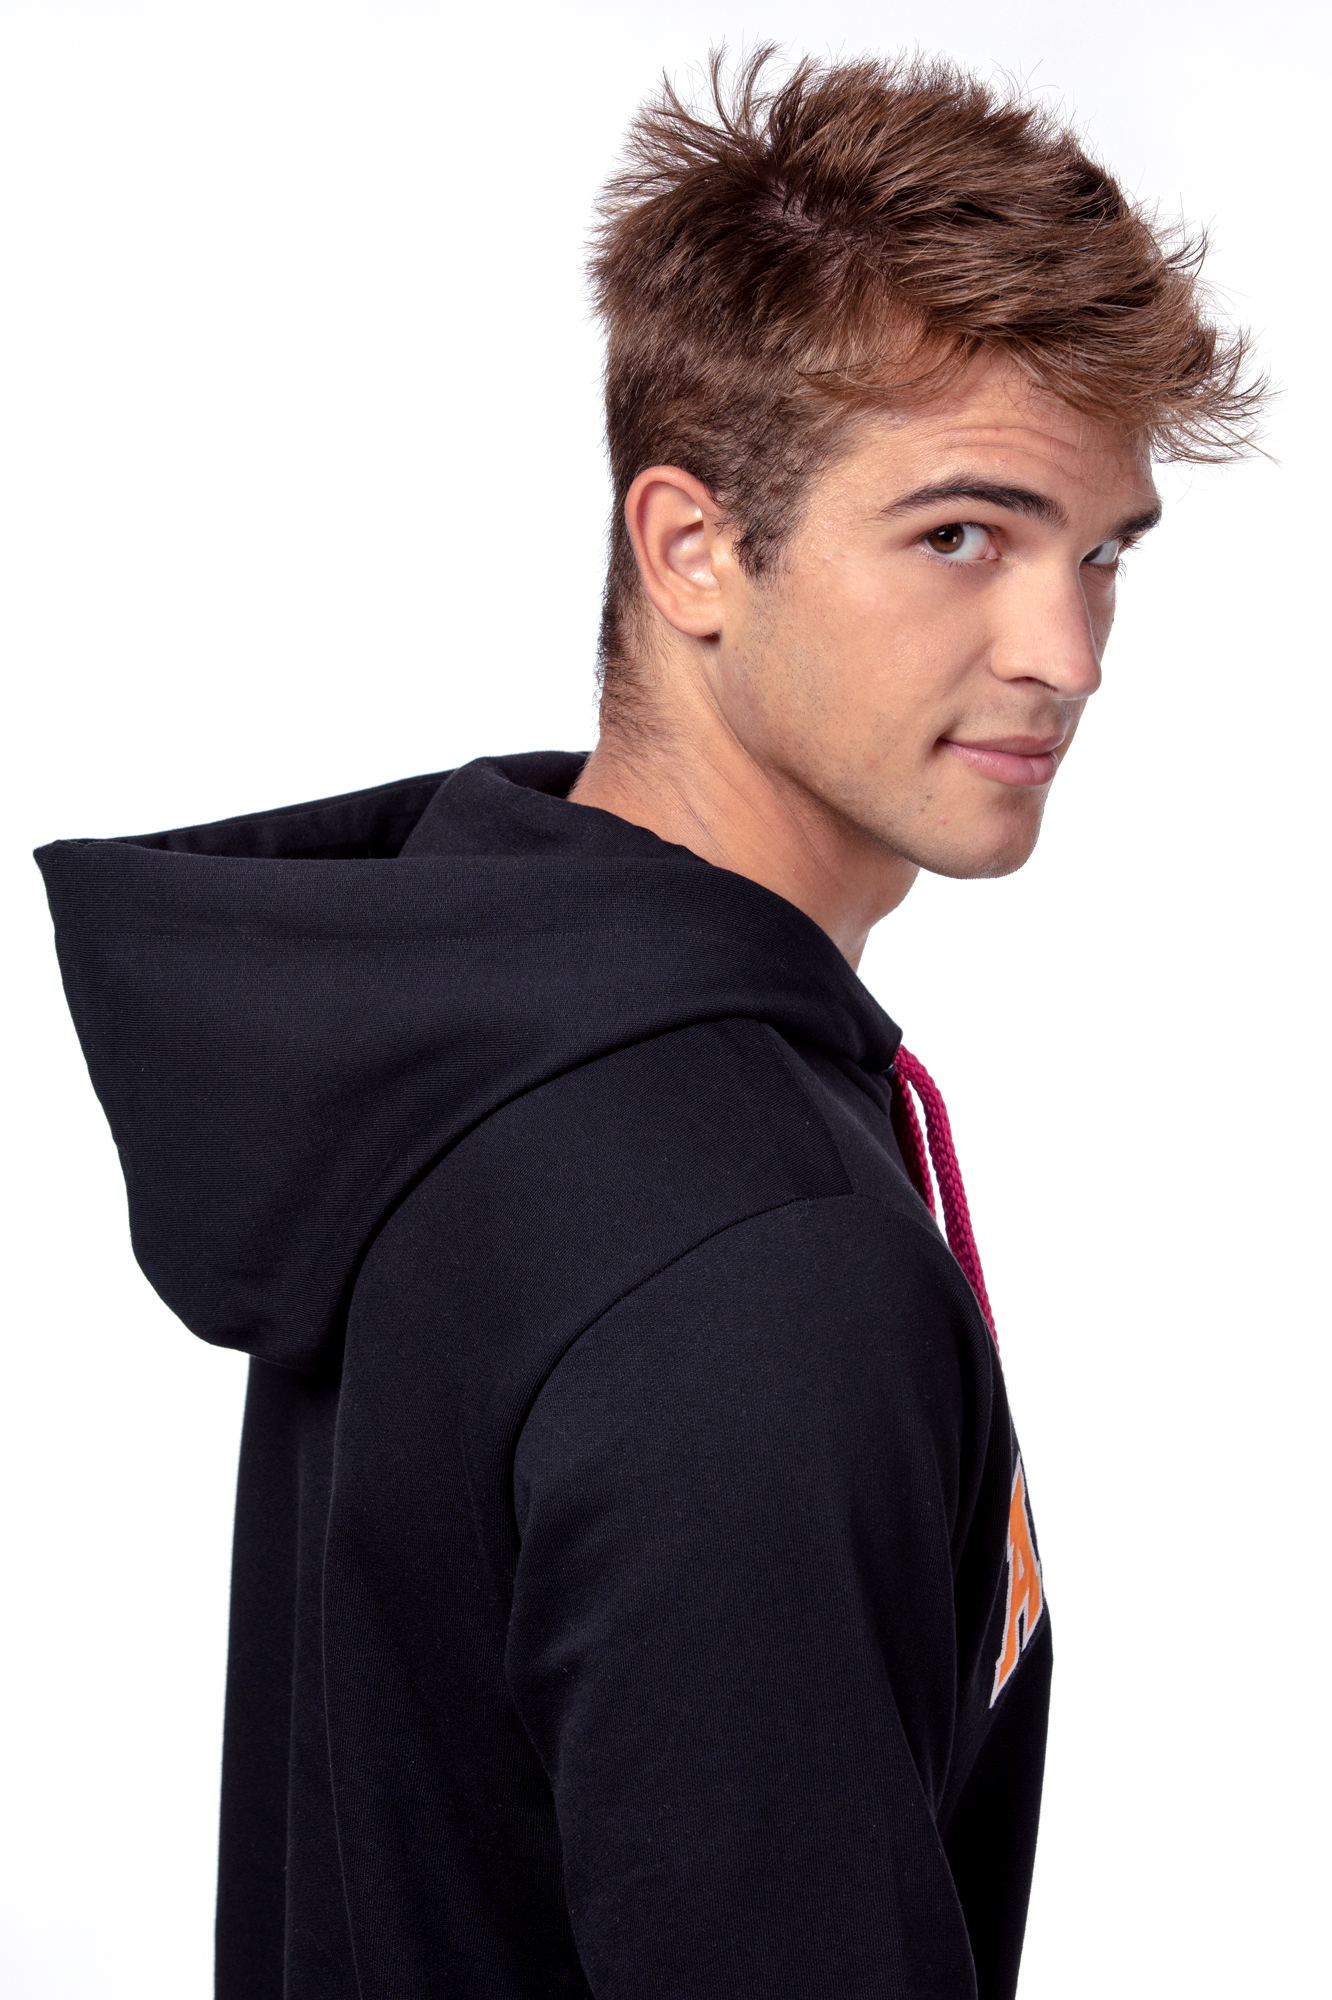 Crna majica s kapuljačom – unisex